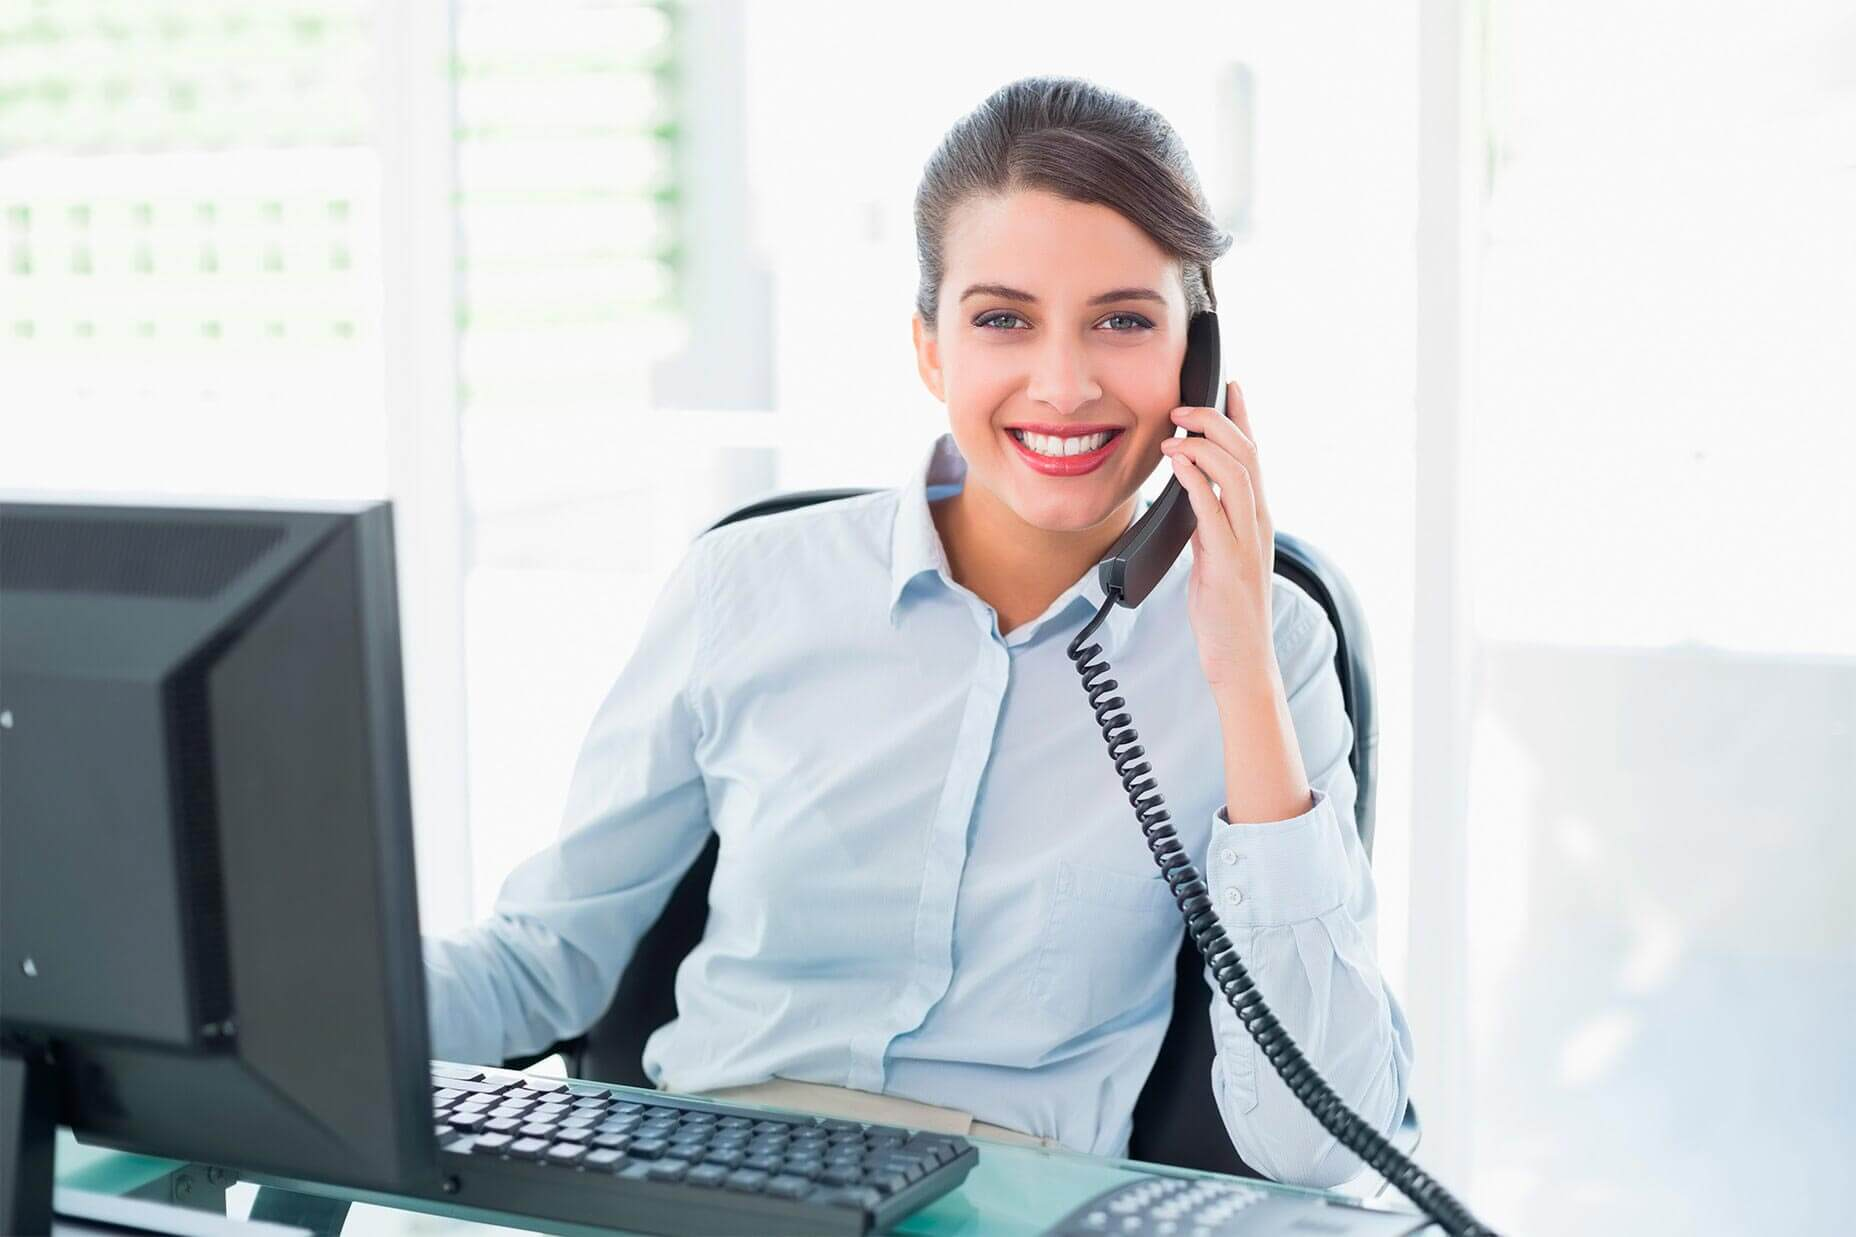 Junge, weibliche Reisswolf angestellte hält den Telefonhörer in der Hand und lächelt in die Kamera